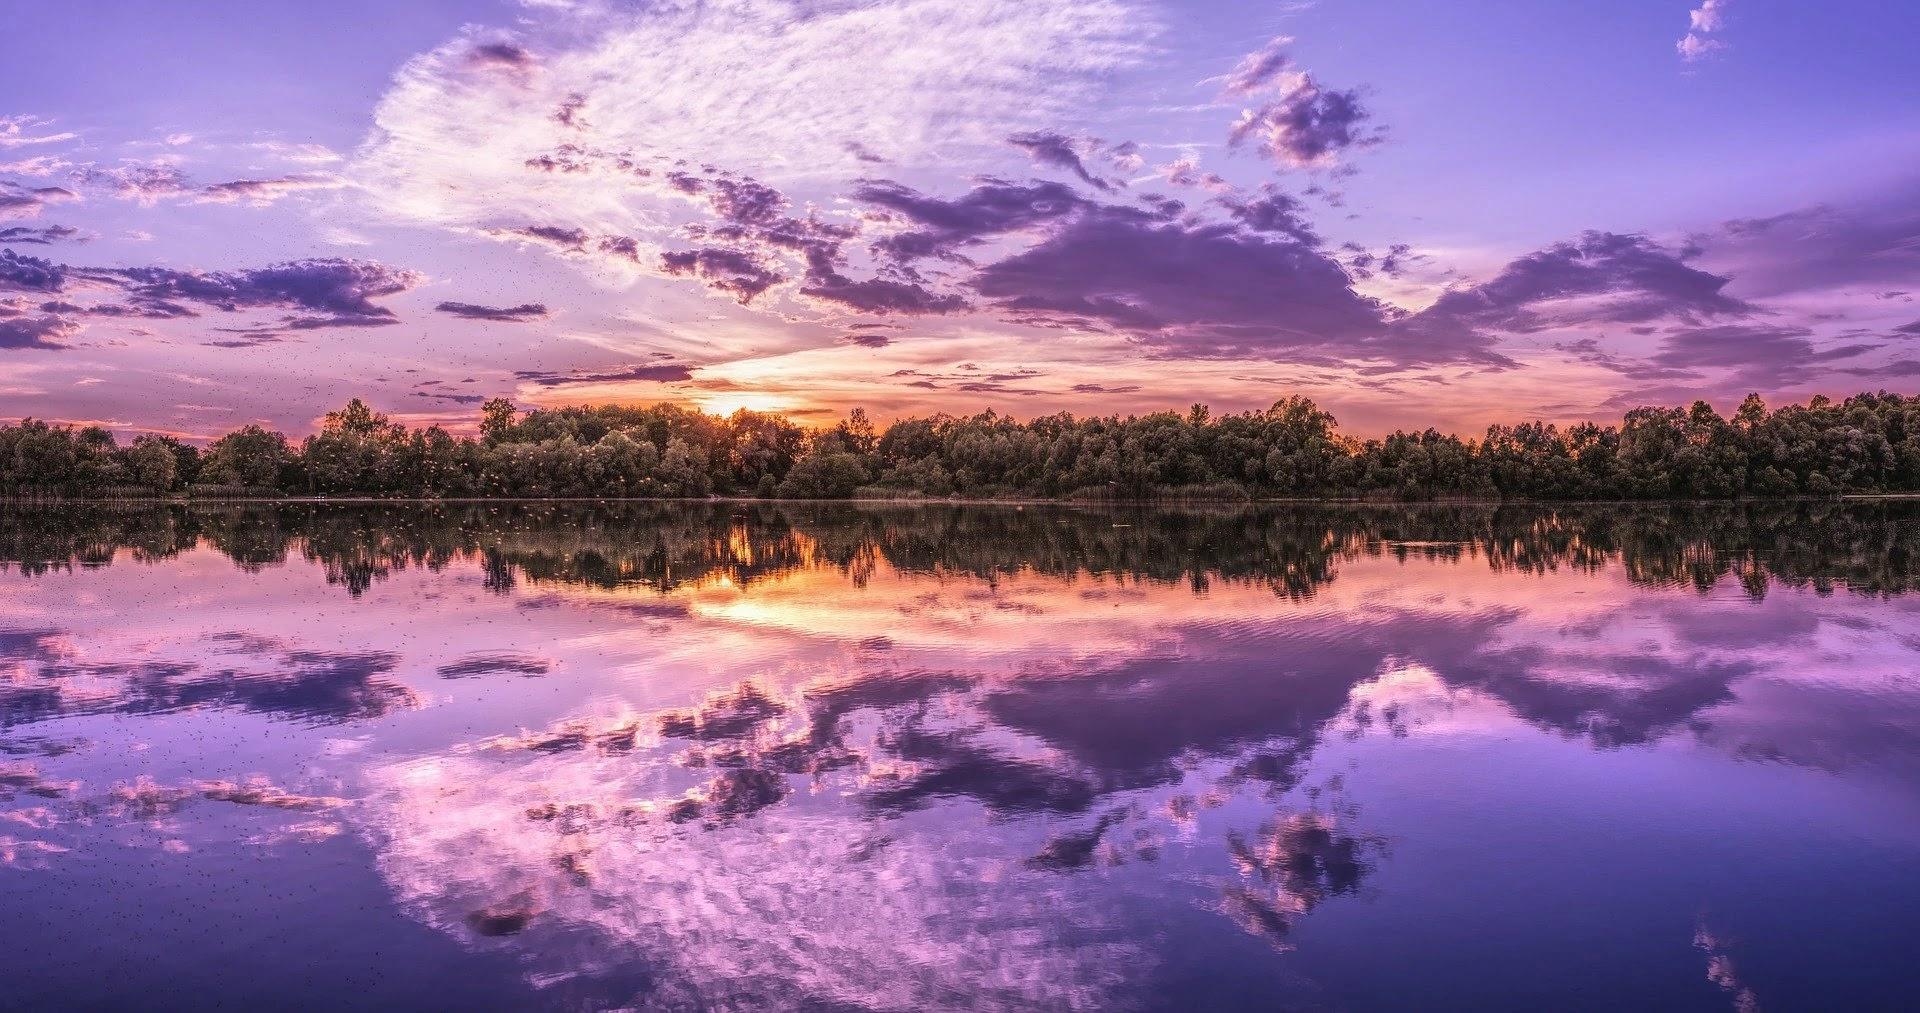 صورة بحيرة واشجار خضراء